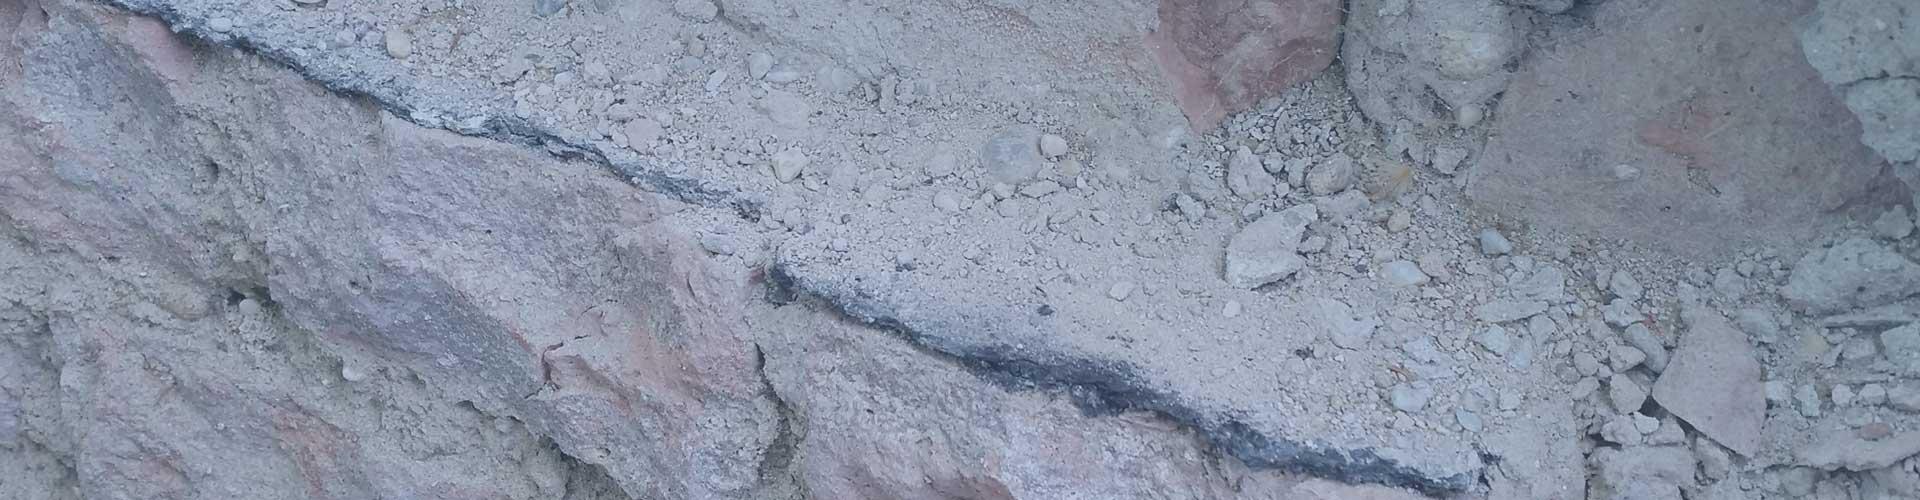 Mauerwerksverfestigung Slider